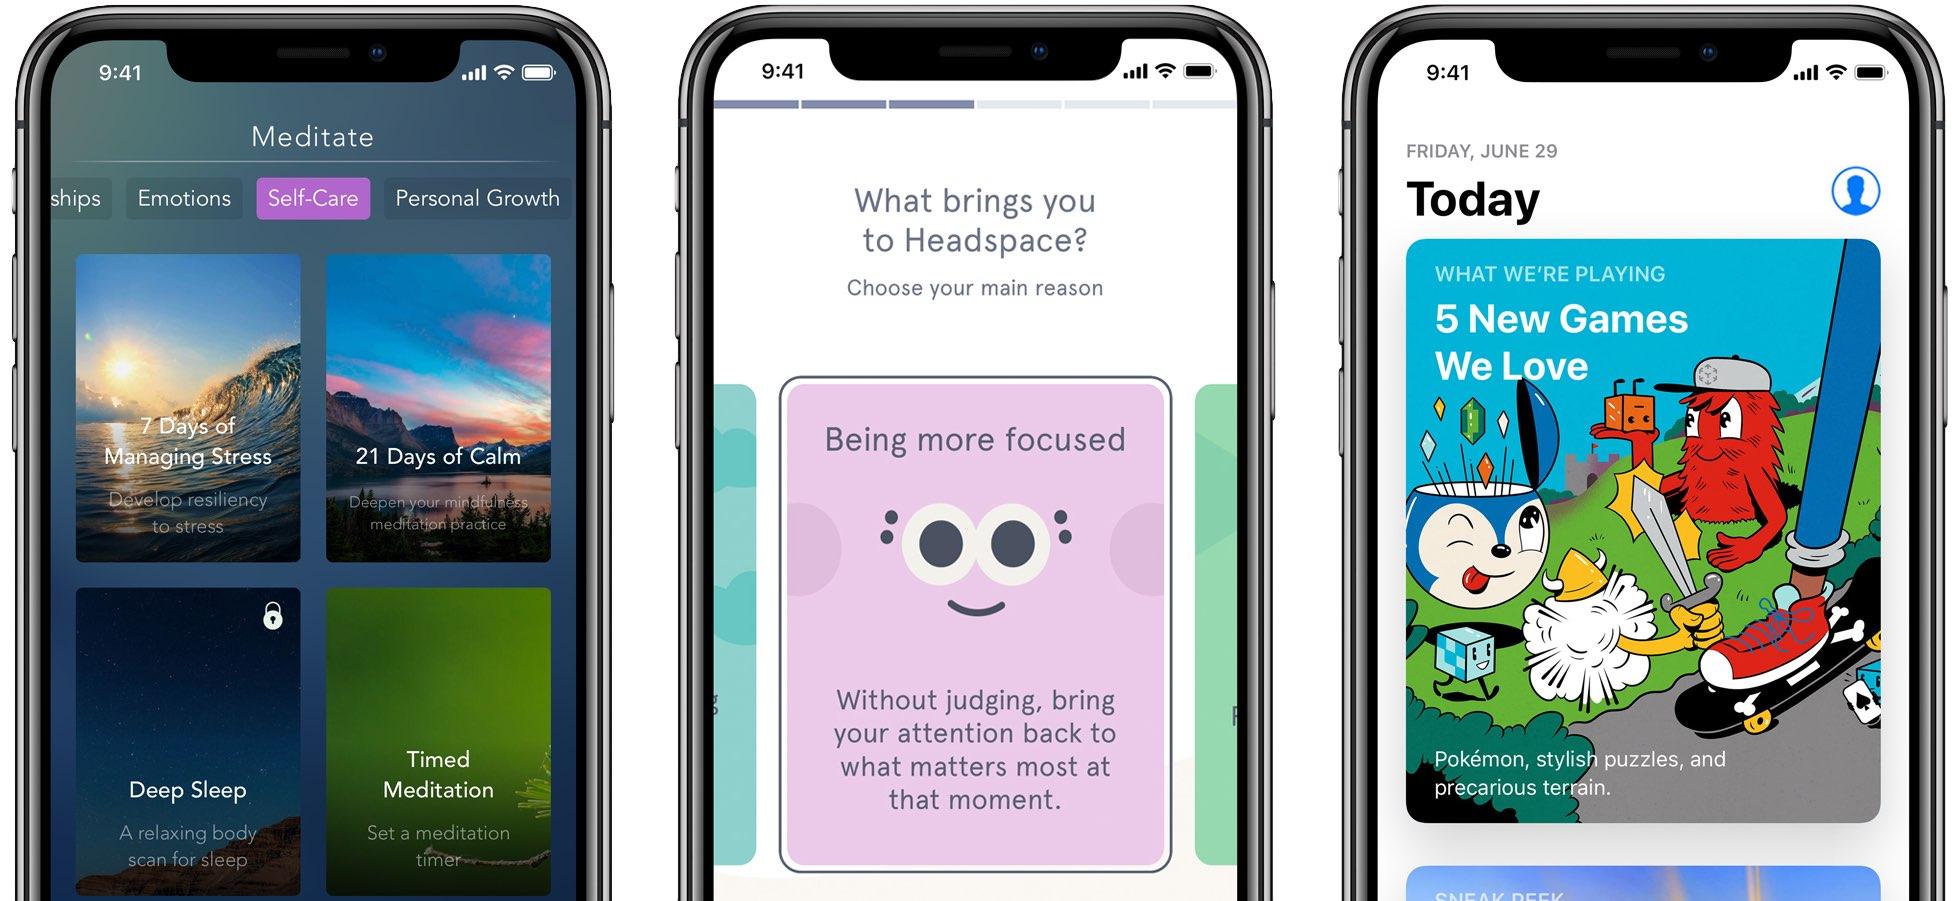 يمكنك الآن تنزيل تطبيقات حتى 200 ميجابايت عبر الشبكات الخلوية على AppStore